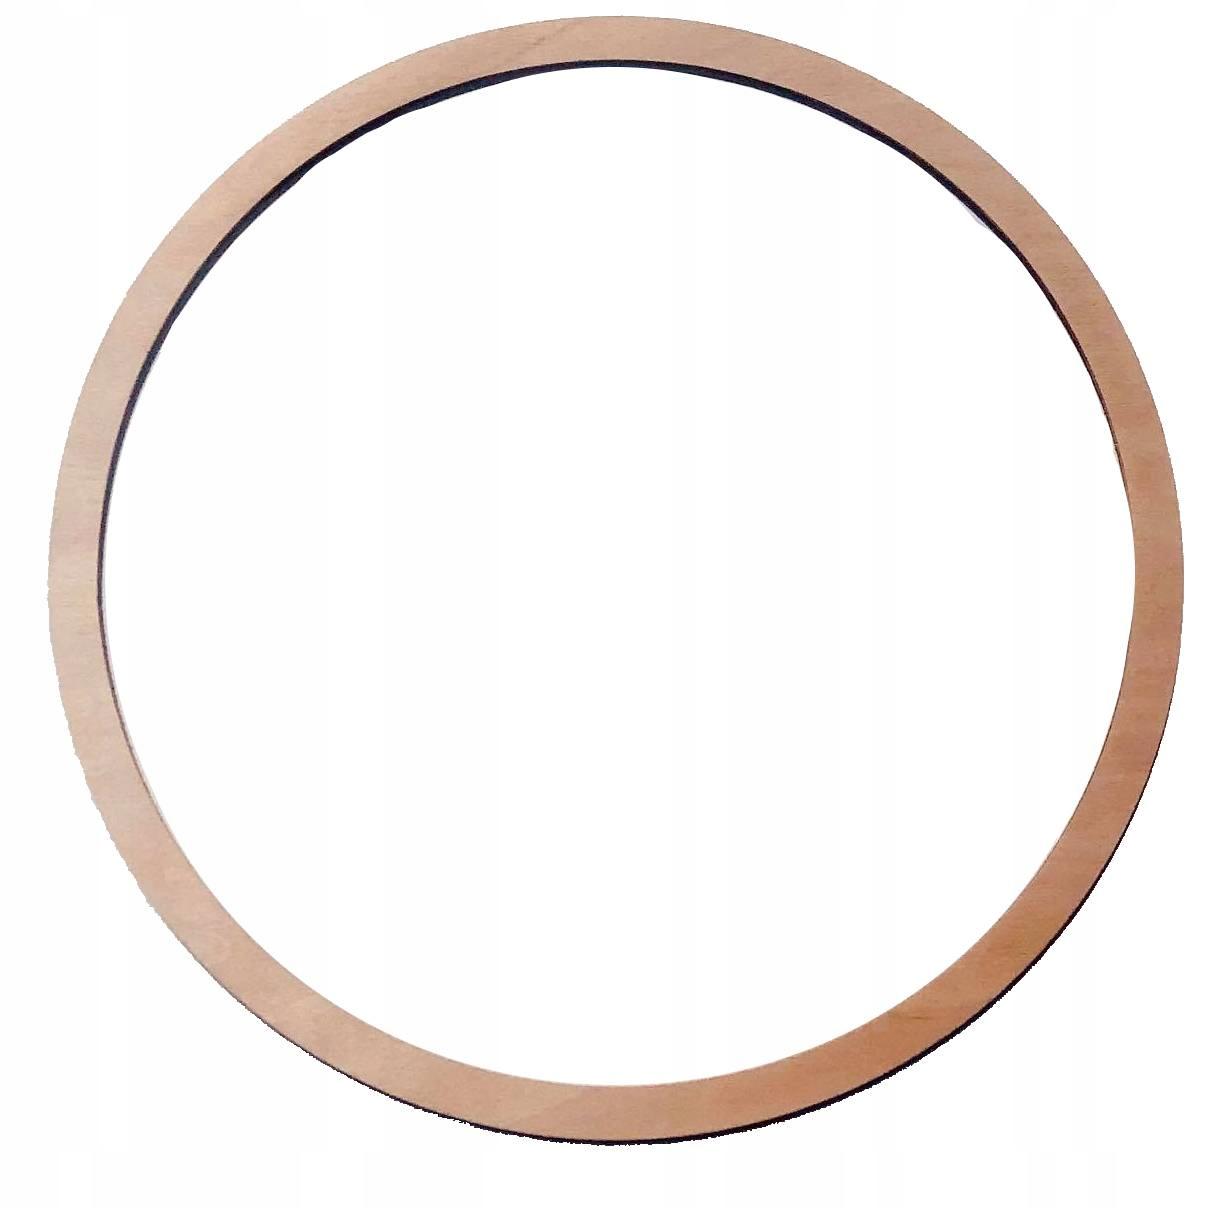 Drewniana obręcz kółko do łapacza snów 50 cm DIY